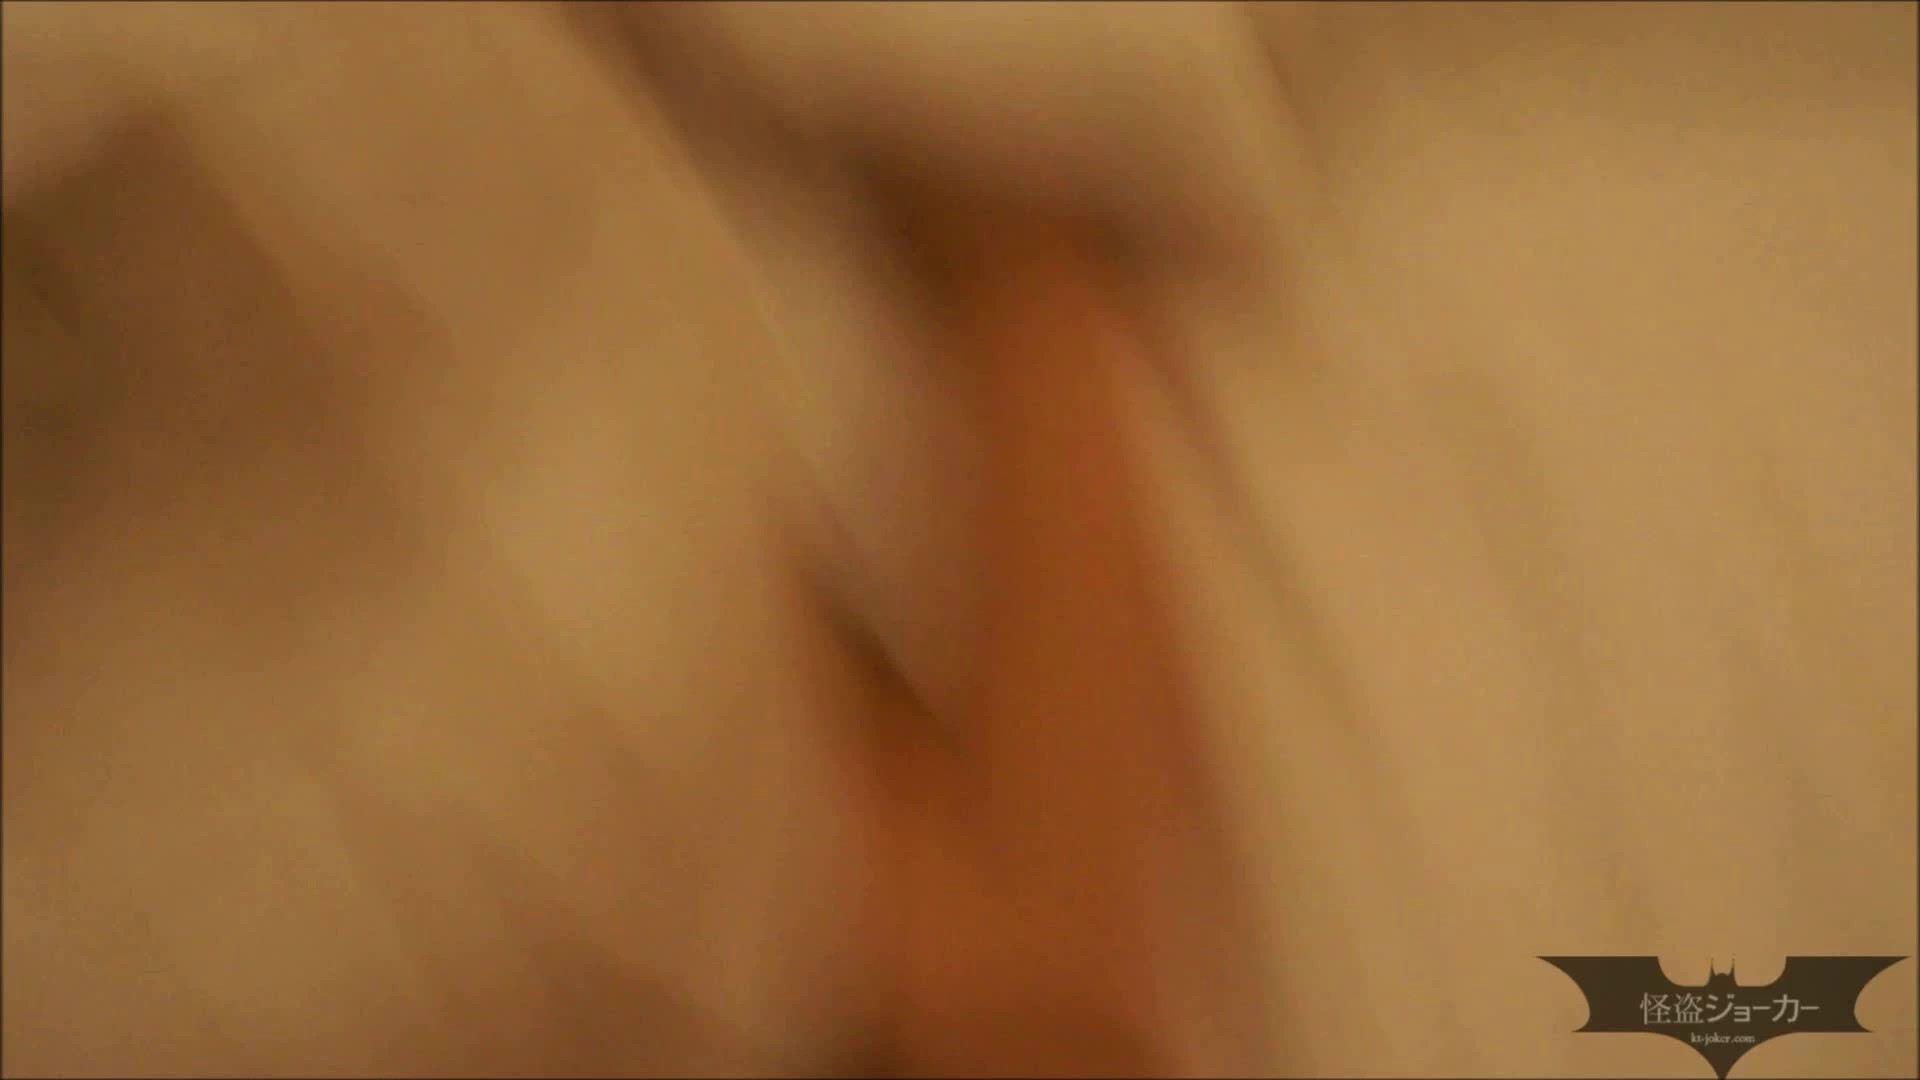 【未公開】vol.20 セレブ美魔女・カリソメの笑顔。最後の交わり...生中出し OLの実態  96pic 36